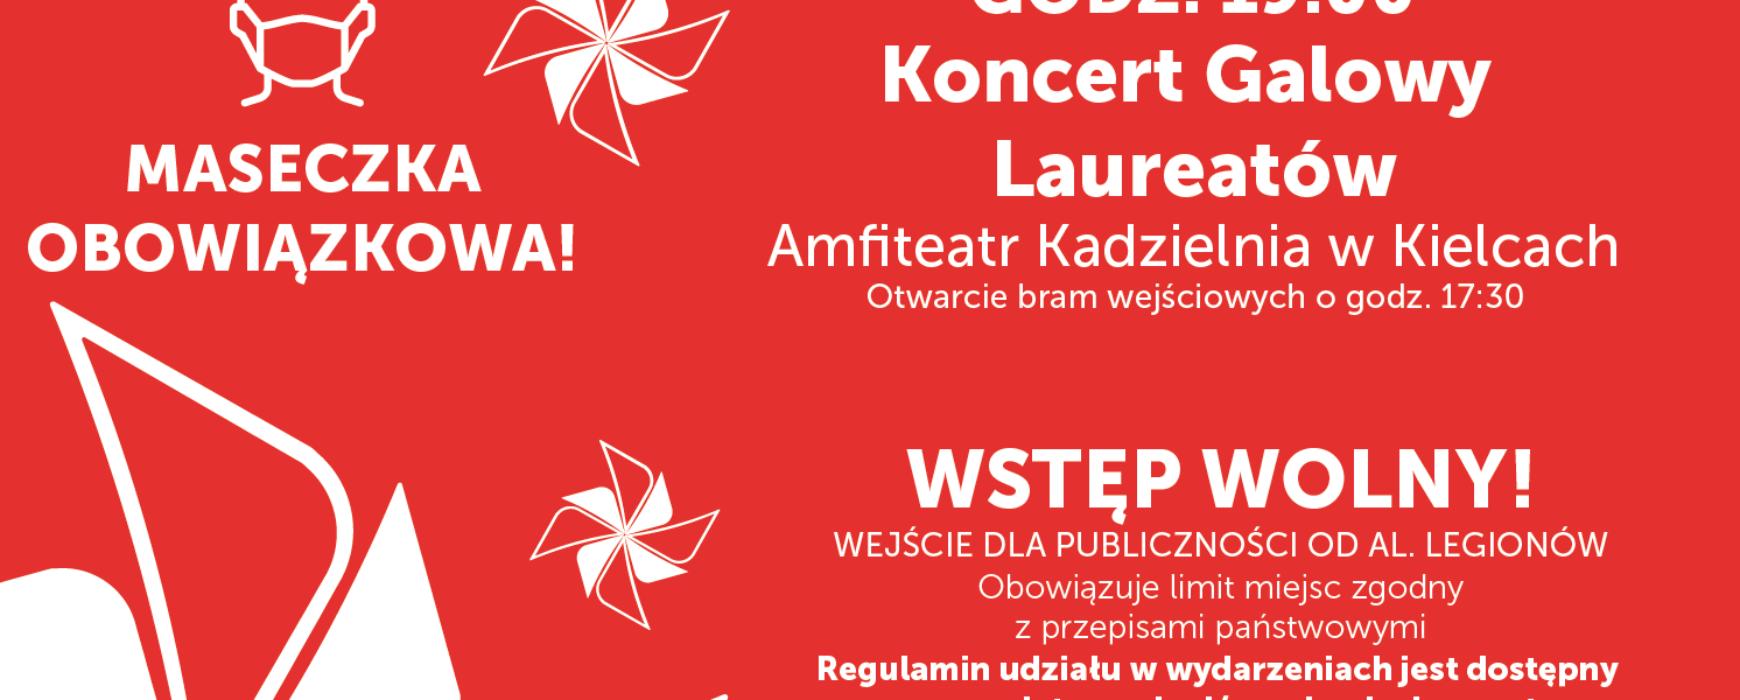 Koncert Galowy Laureatów 2021